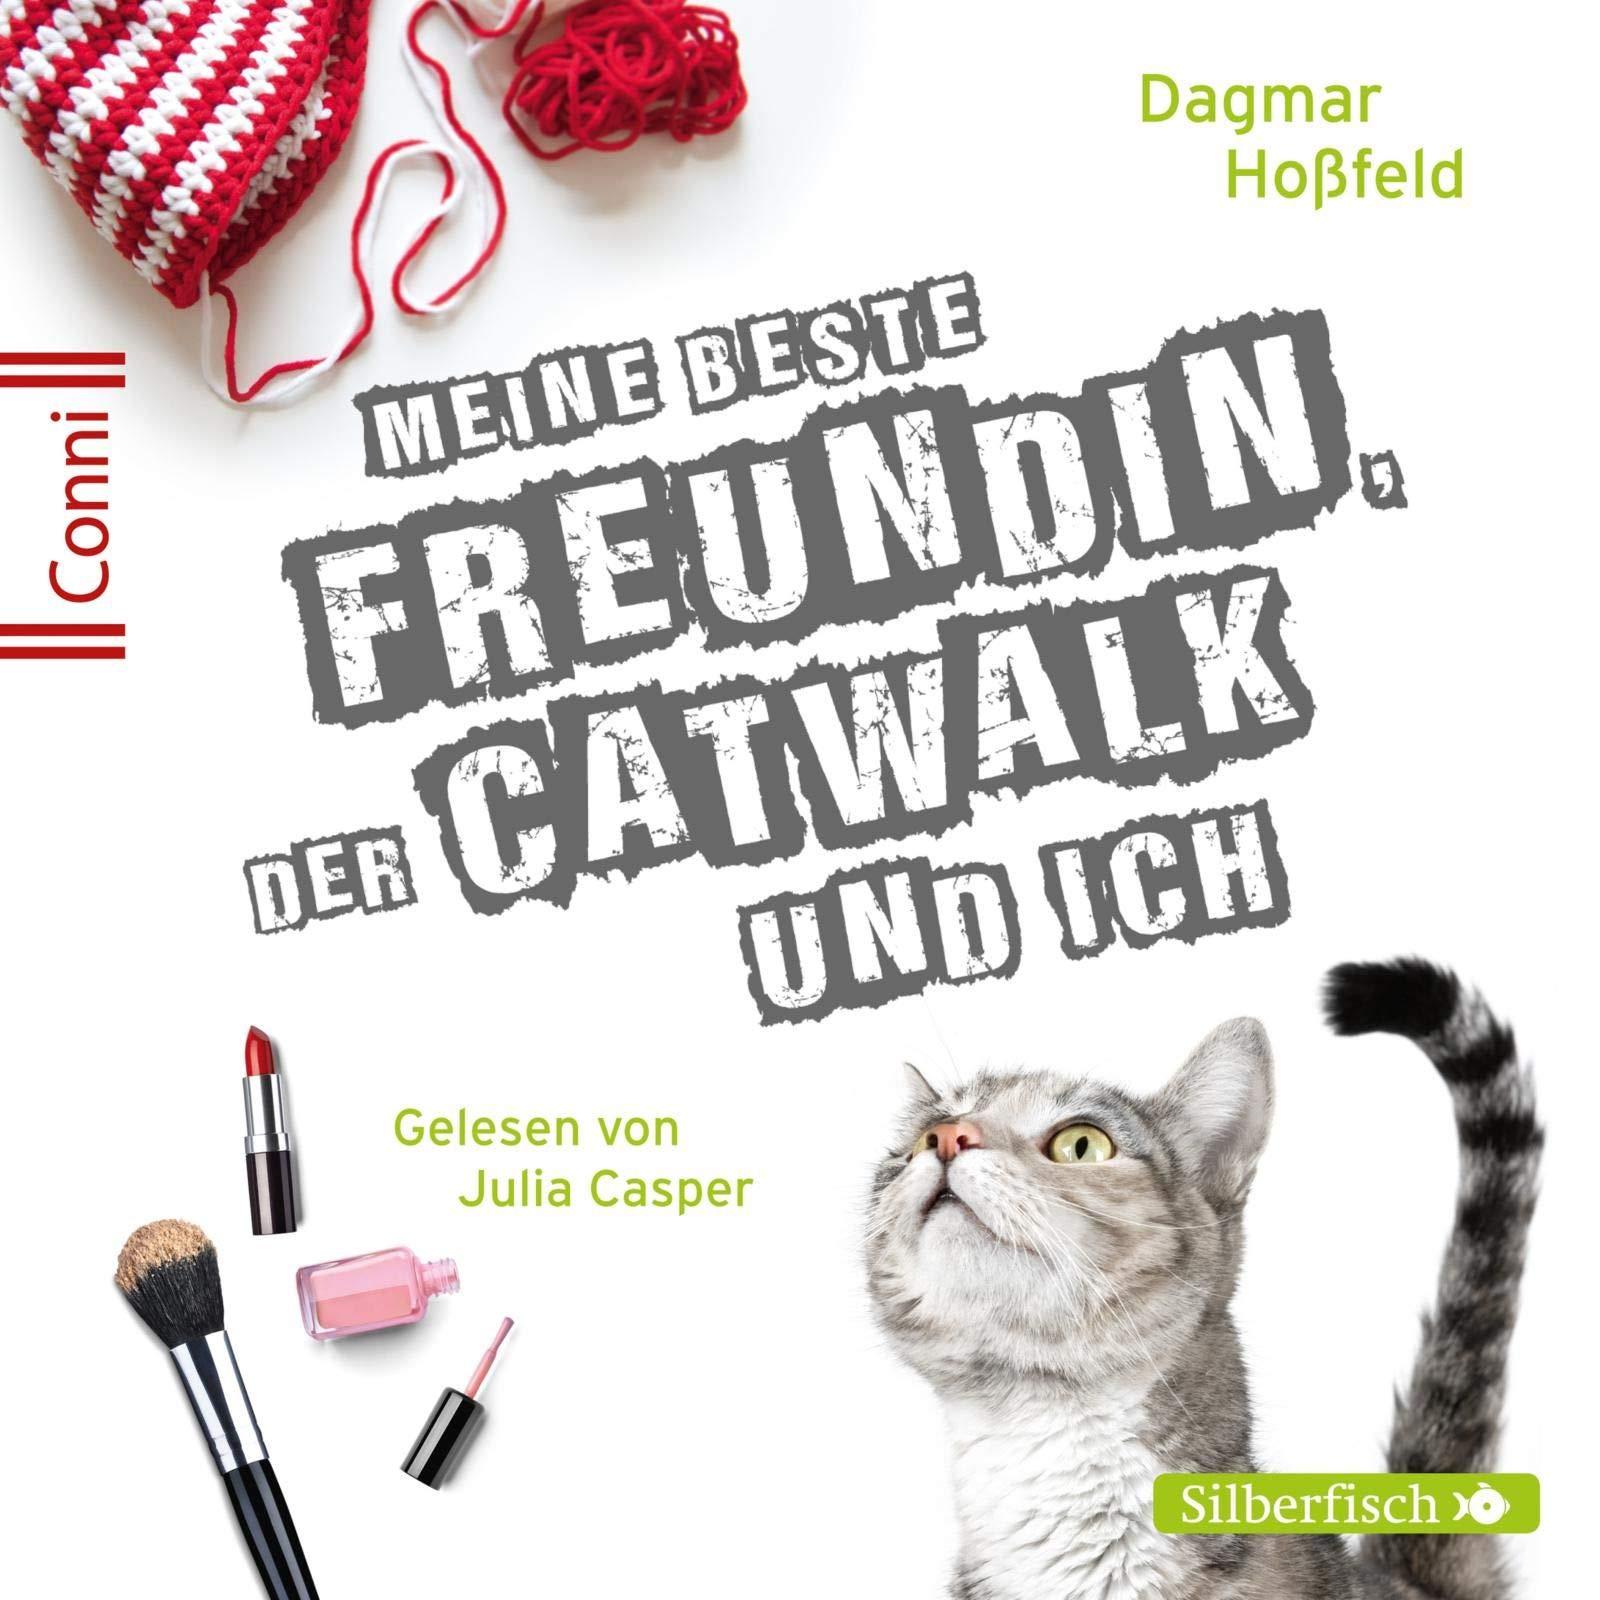 Conni 15 3 Meine Beste Freundin Der Catwalk Und Ich 2 Cds 3 Amazon De Hossfeld Dagmar Casper Julia Bucher